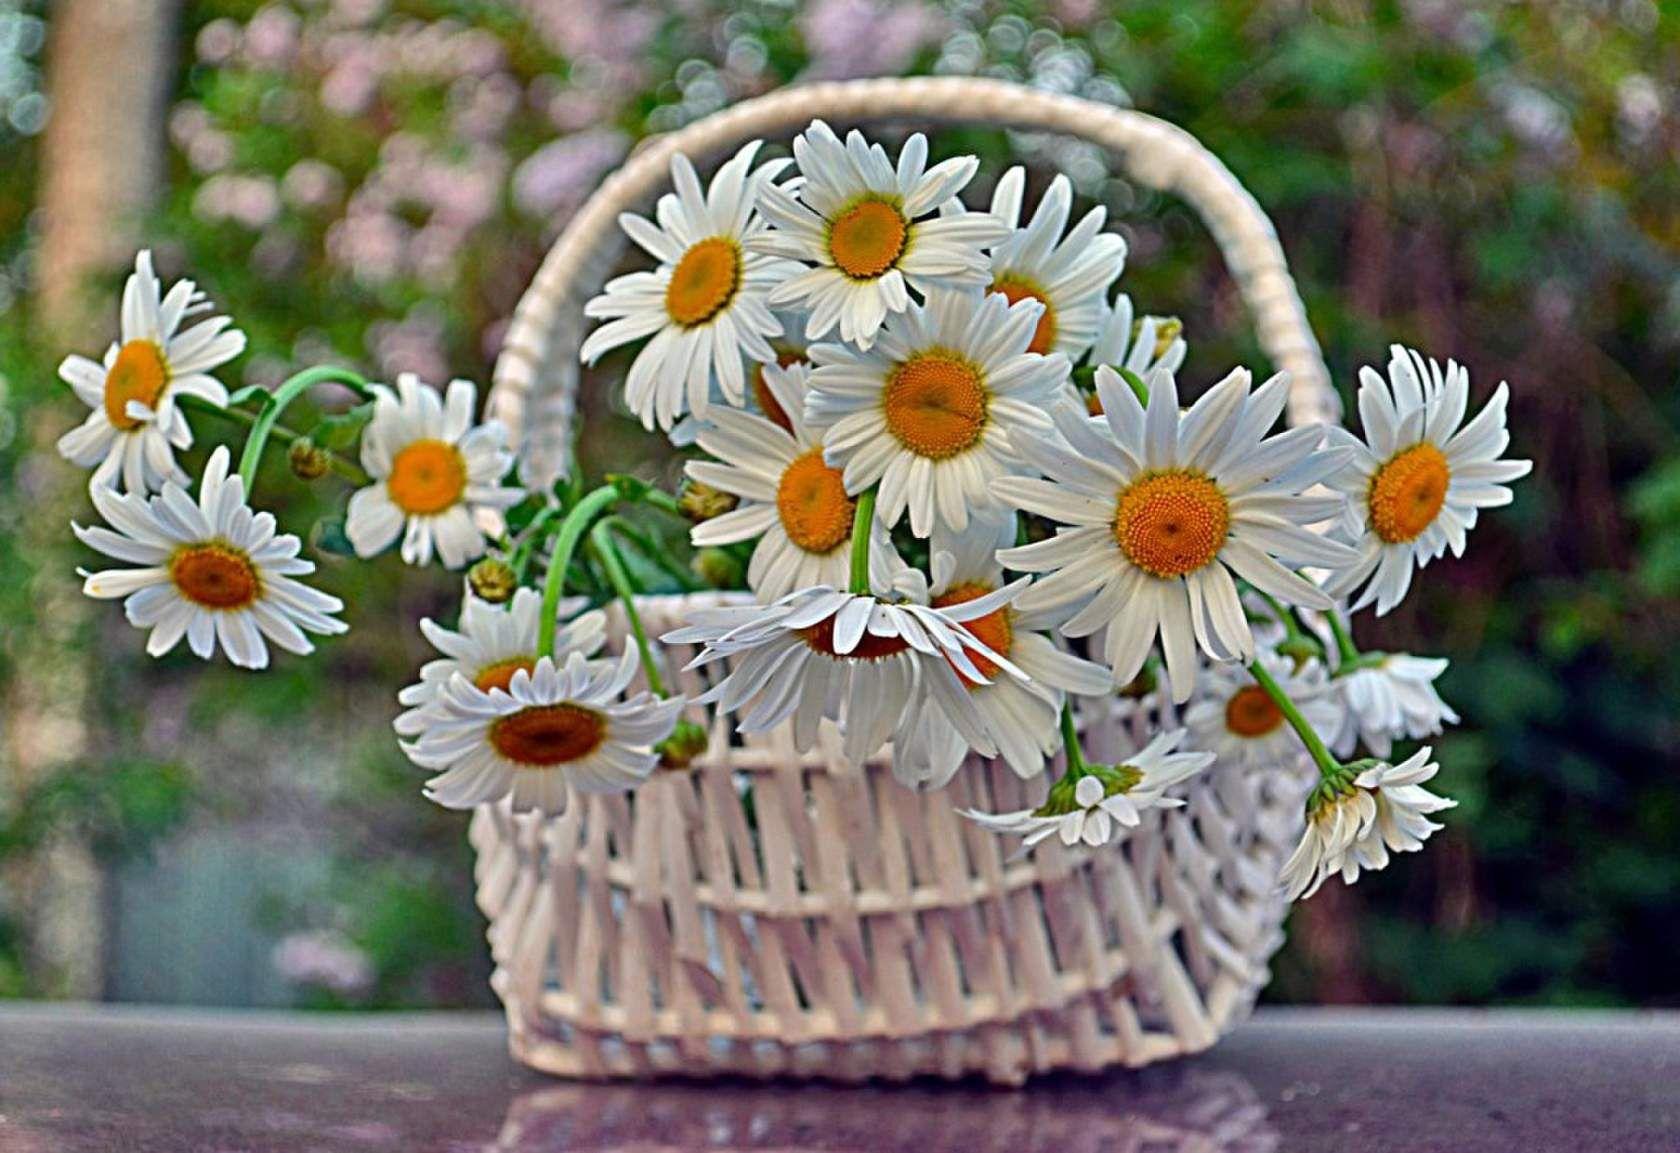 Ảnh giỏ hoa cúc trắng đẹp nhất